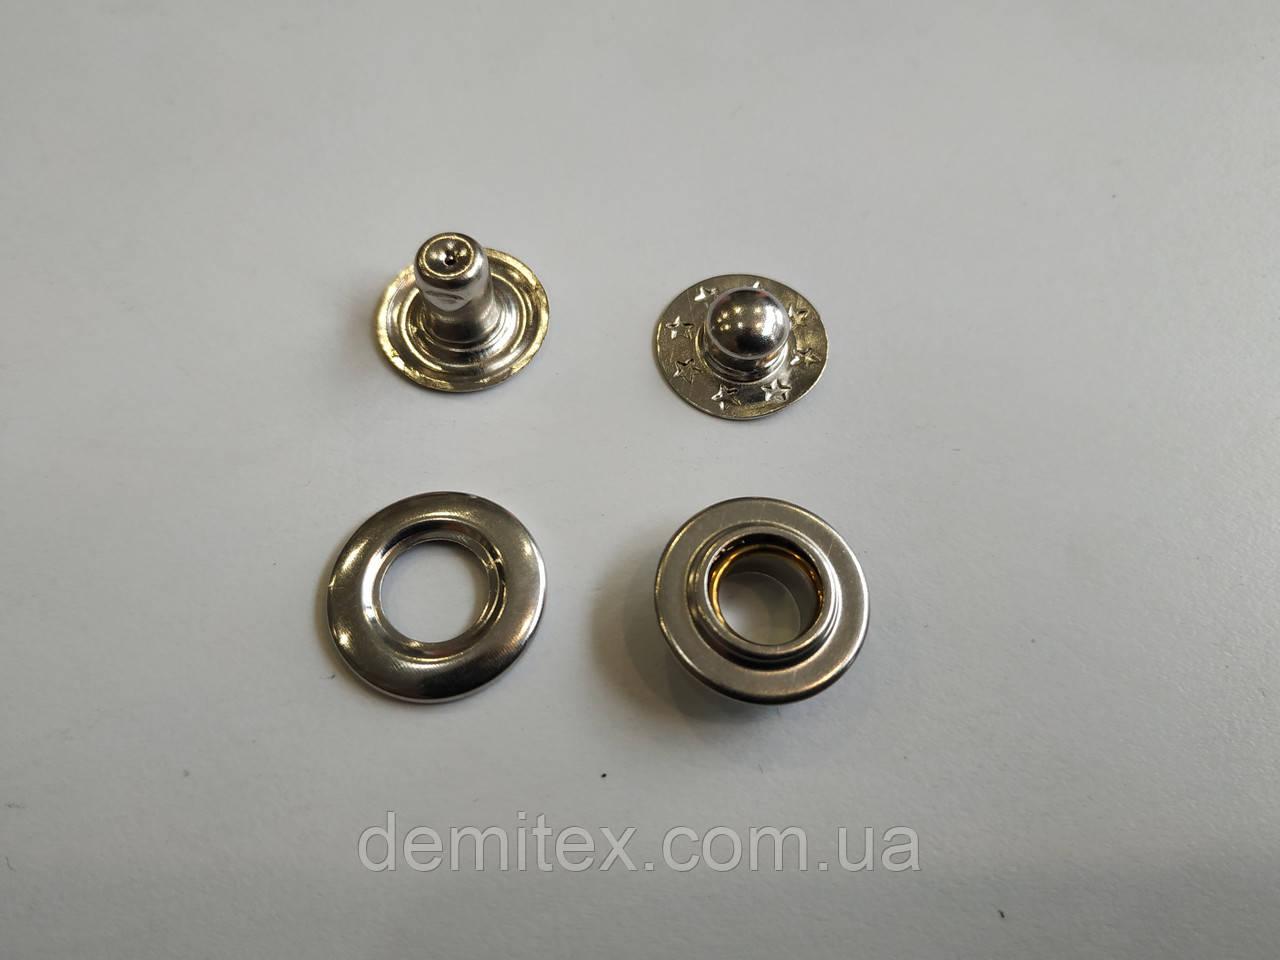 Кнопка Роллерная (15 мм) никель